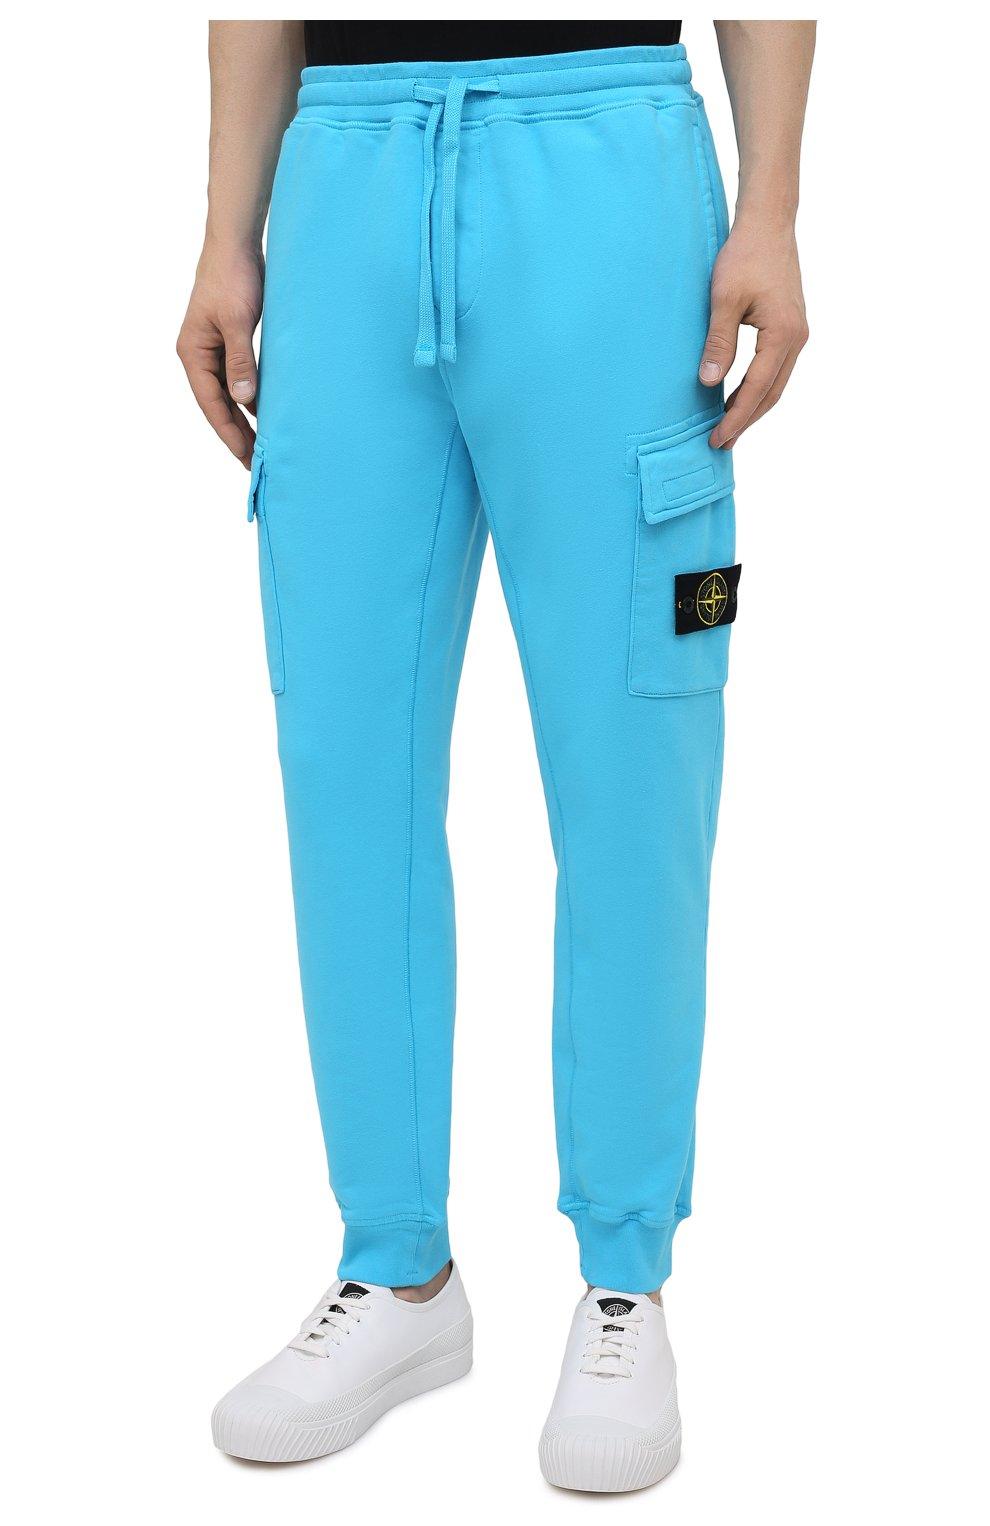 Мужские хлопковые джоггеры STONE ISLAND бирюзового цвета, арт. 741565251   Фото 3 (Мужское Кросс-КТ: Брюки-трикотаж; Длина (брюки, джинсы): Стандартные; Материал внешний: Хлопок; Стили: Спорт-шик; Силуэт М (брюки): Джоггеры)